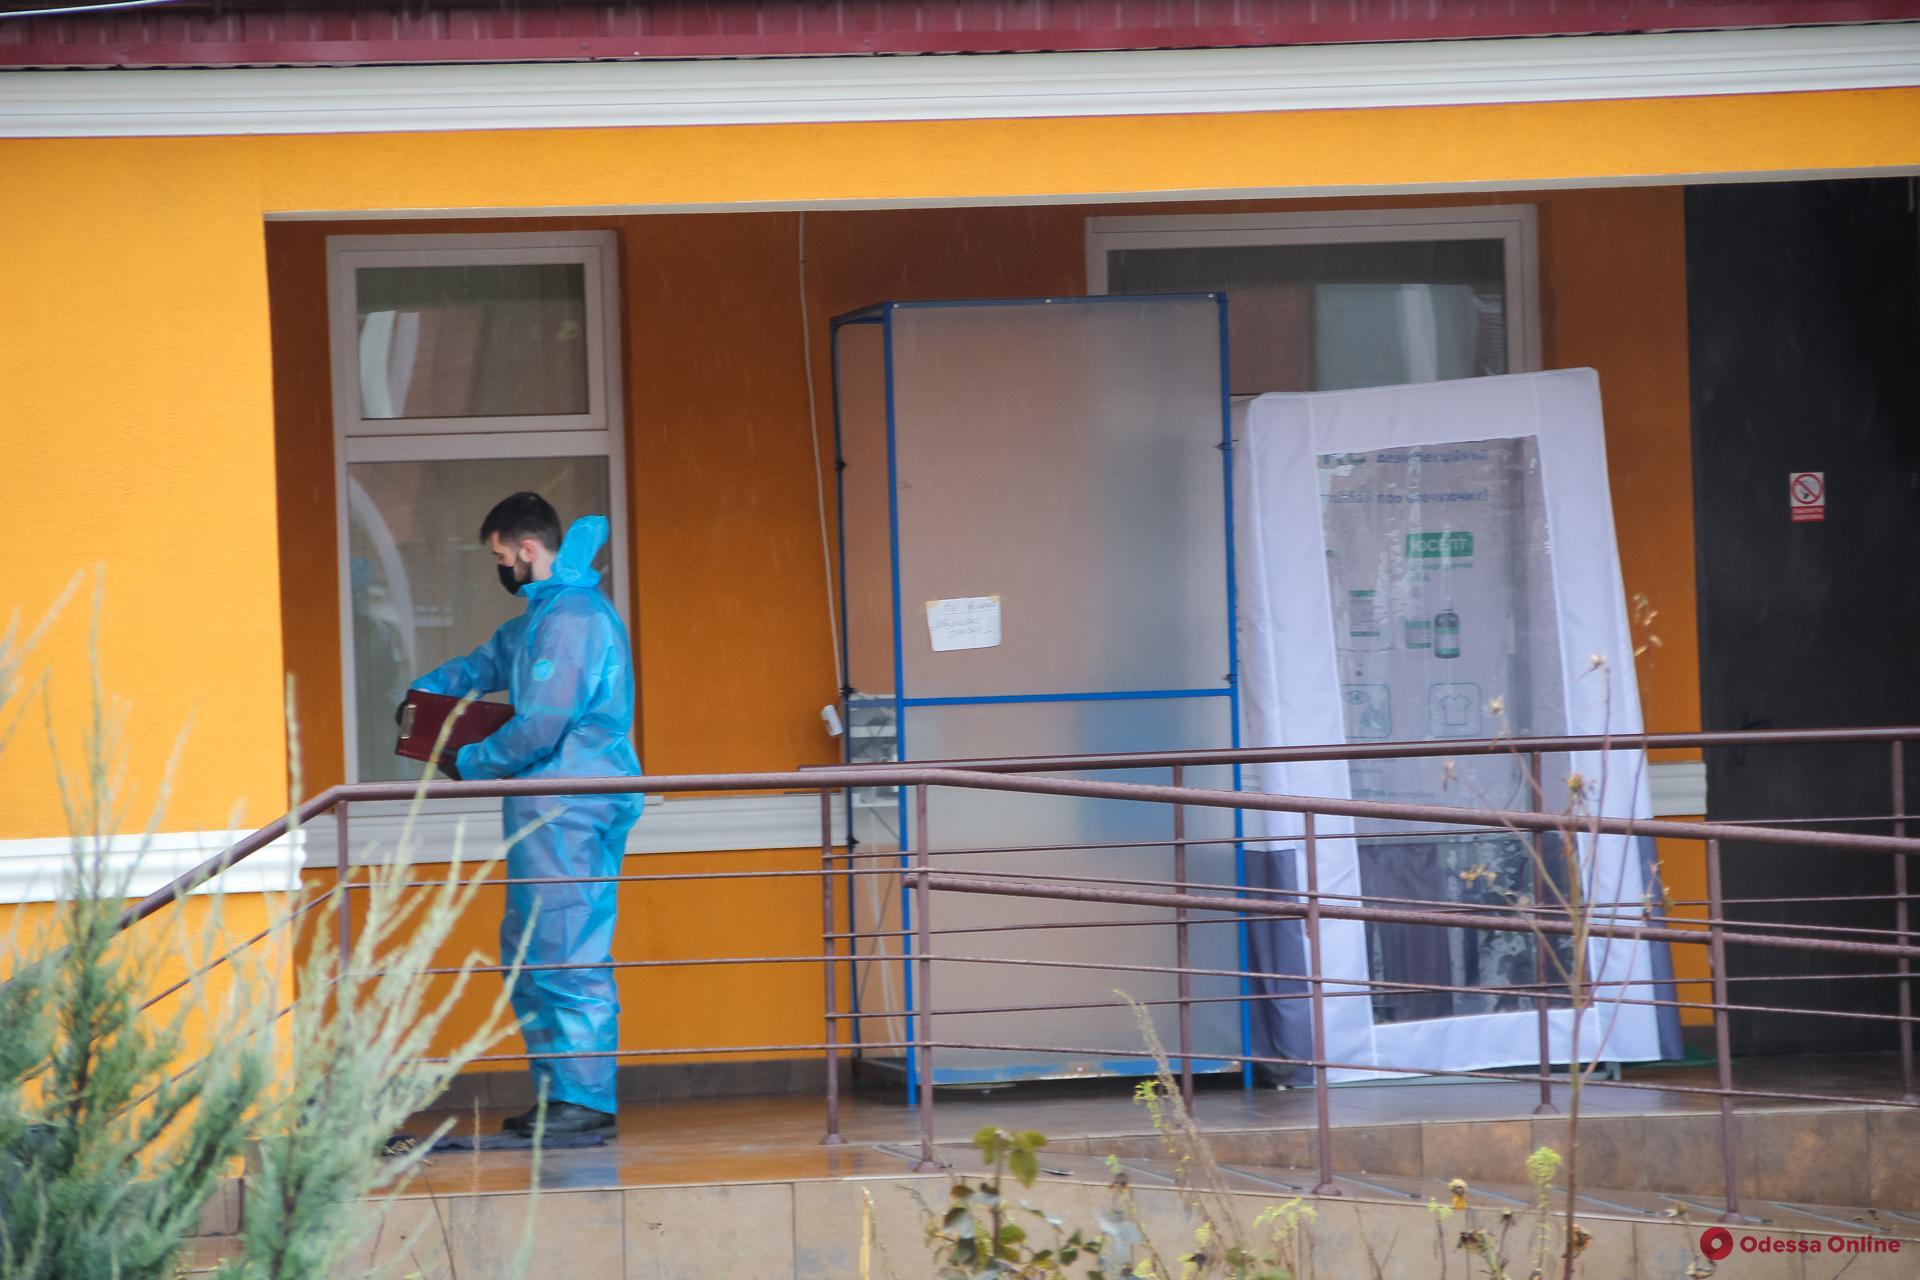 Одесса: за год на борьбу с коронавирусом из горбюджета выделили 279 миллионов гривен